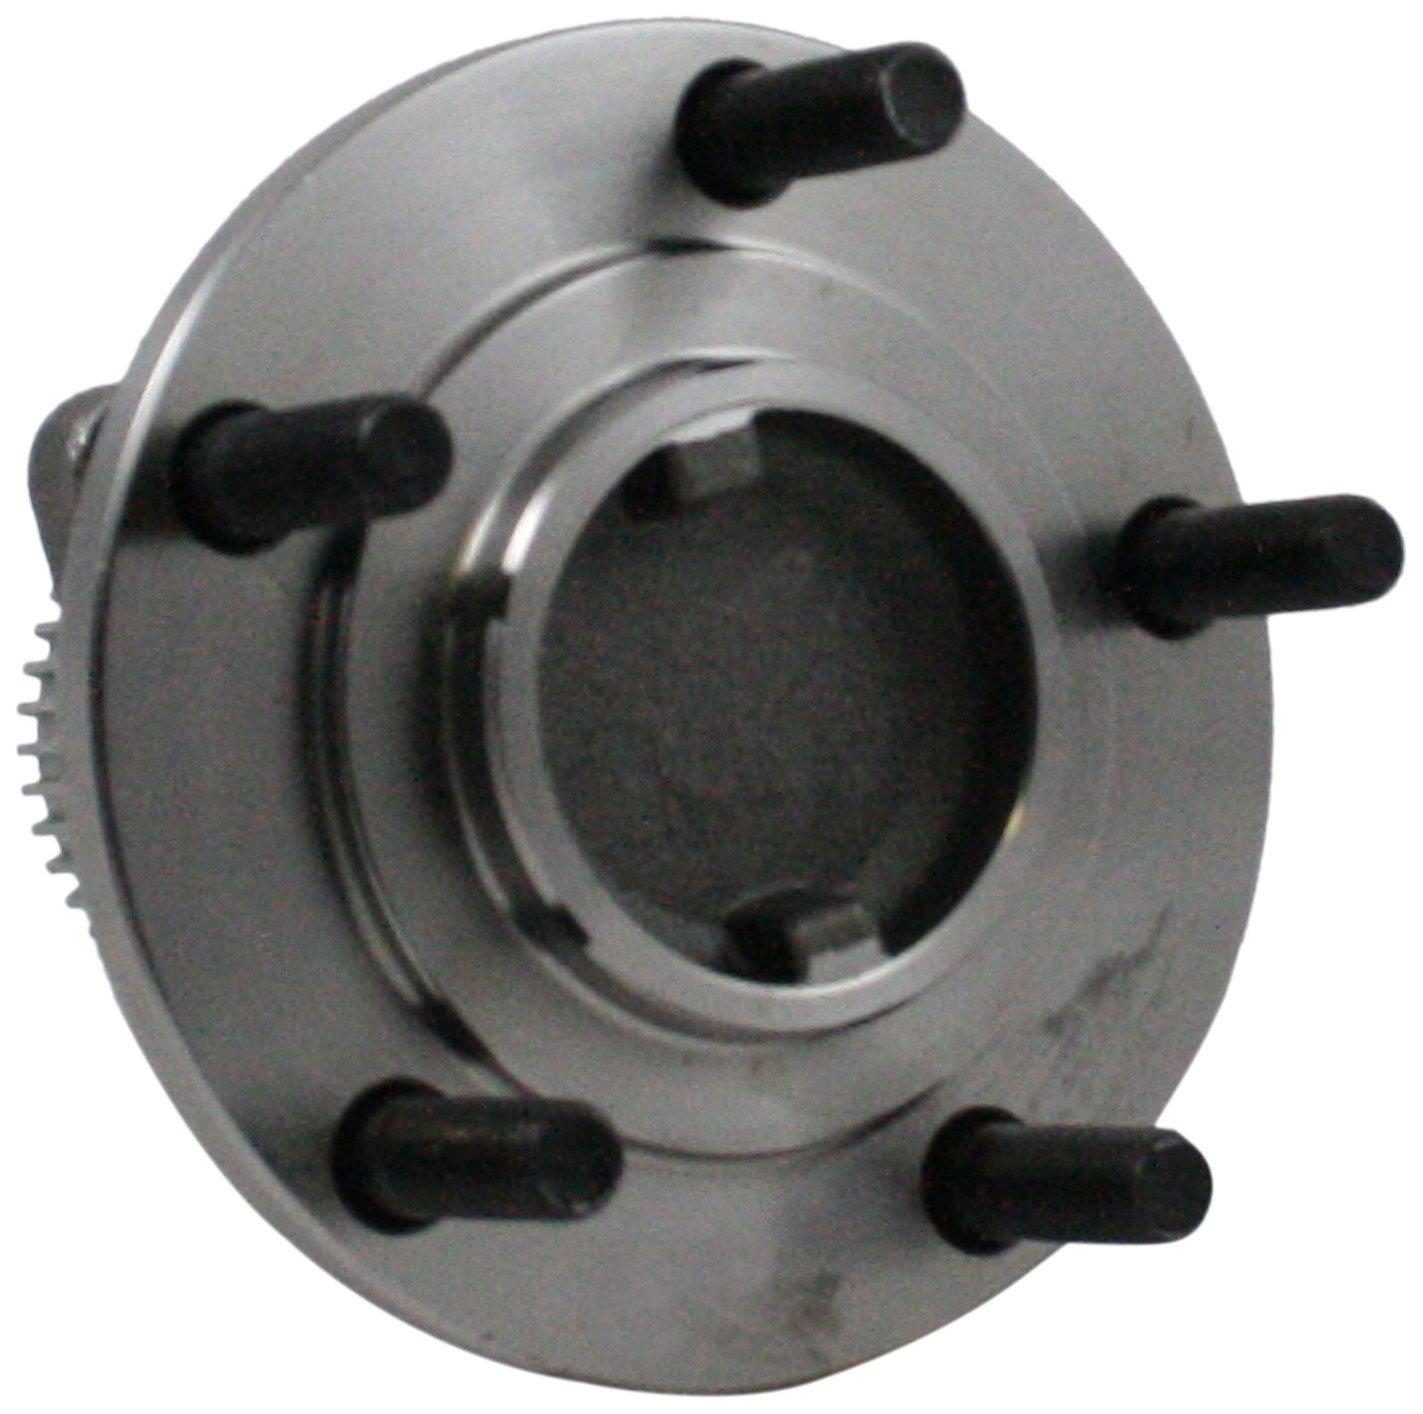 DuraGo 29512163 Rear Hub Assembly